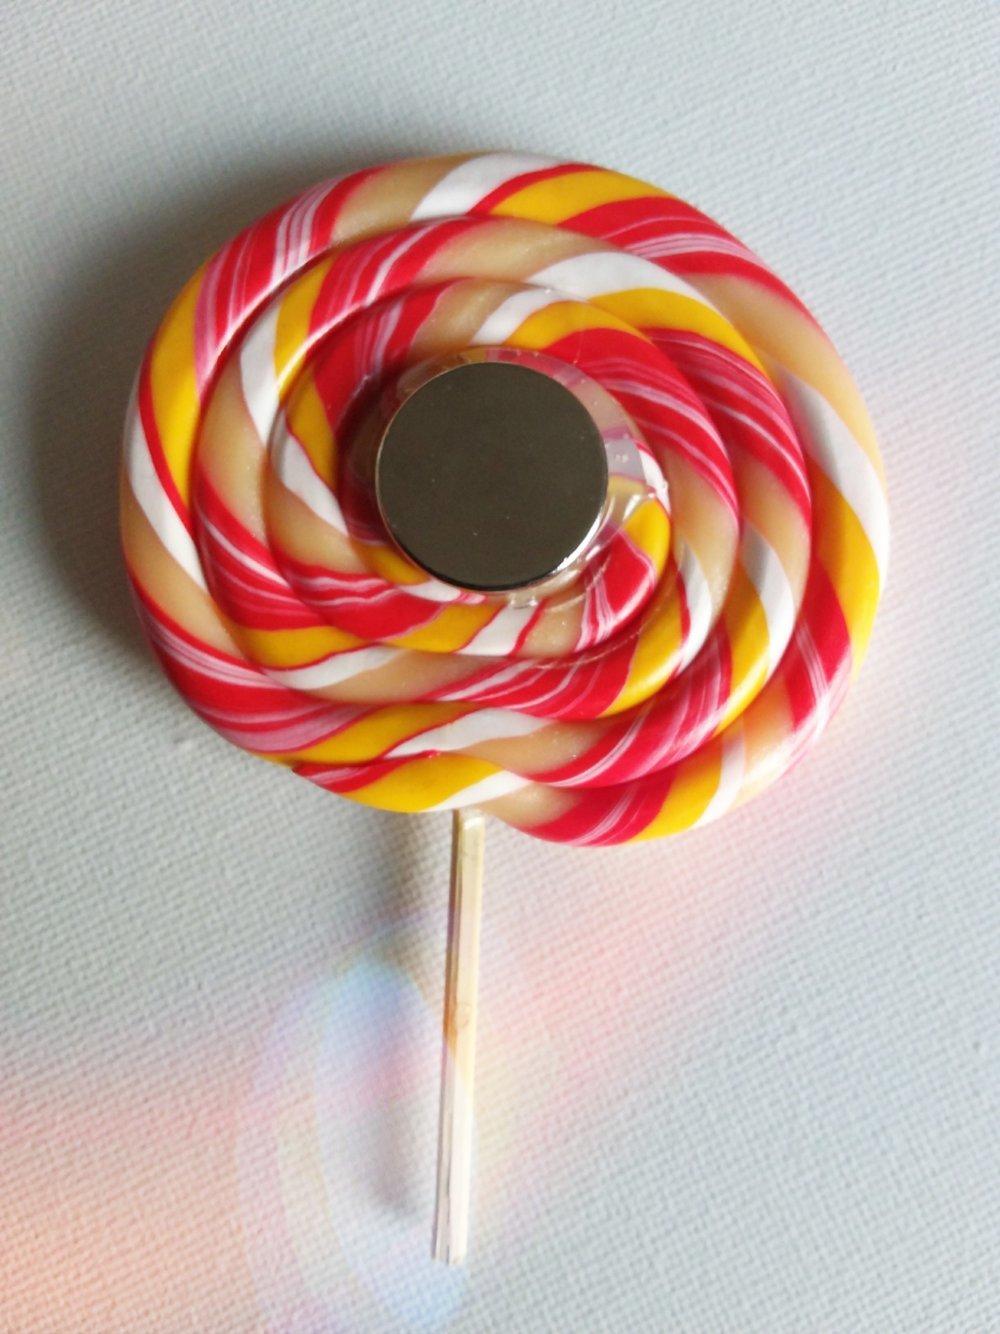 Joli magnet lollipop en fimo pour vos frigos